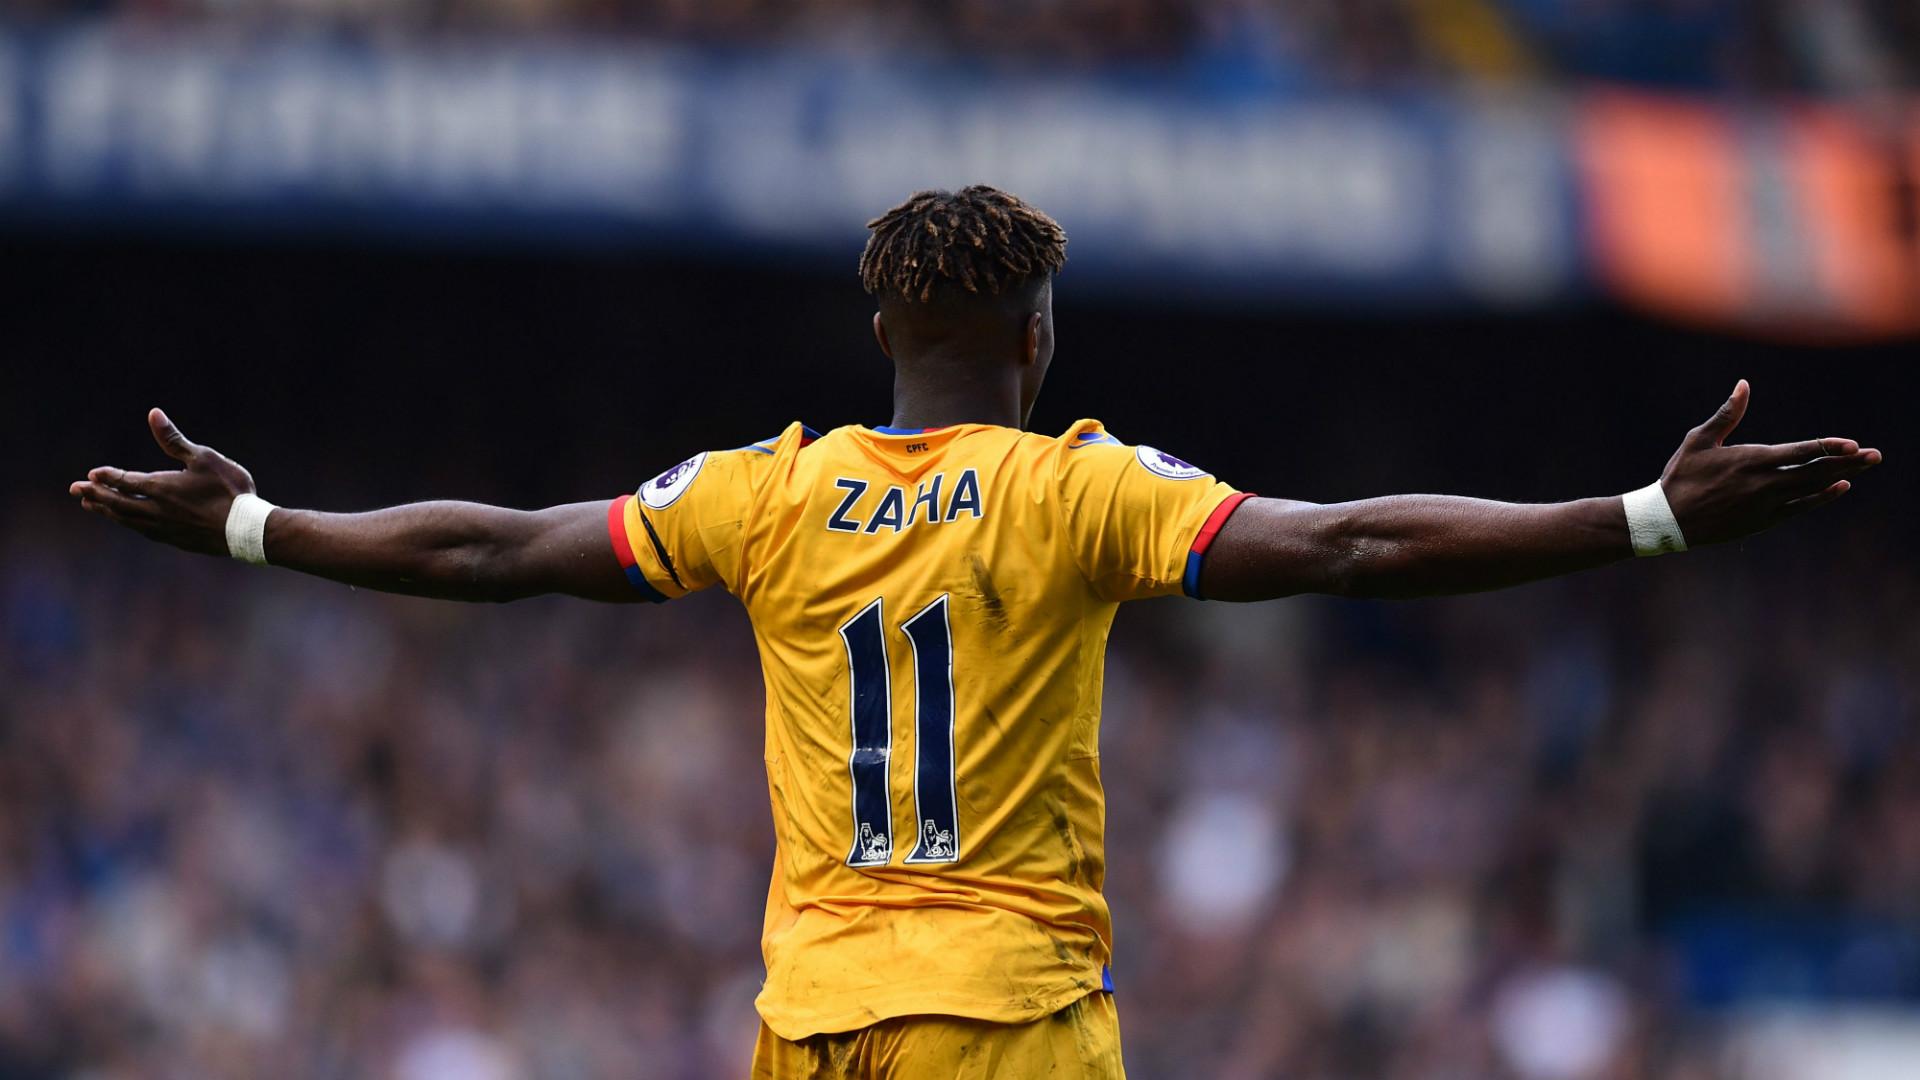 Wifried Zaha Crystal Palace Premier League